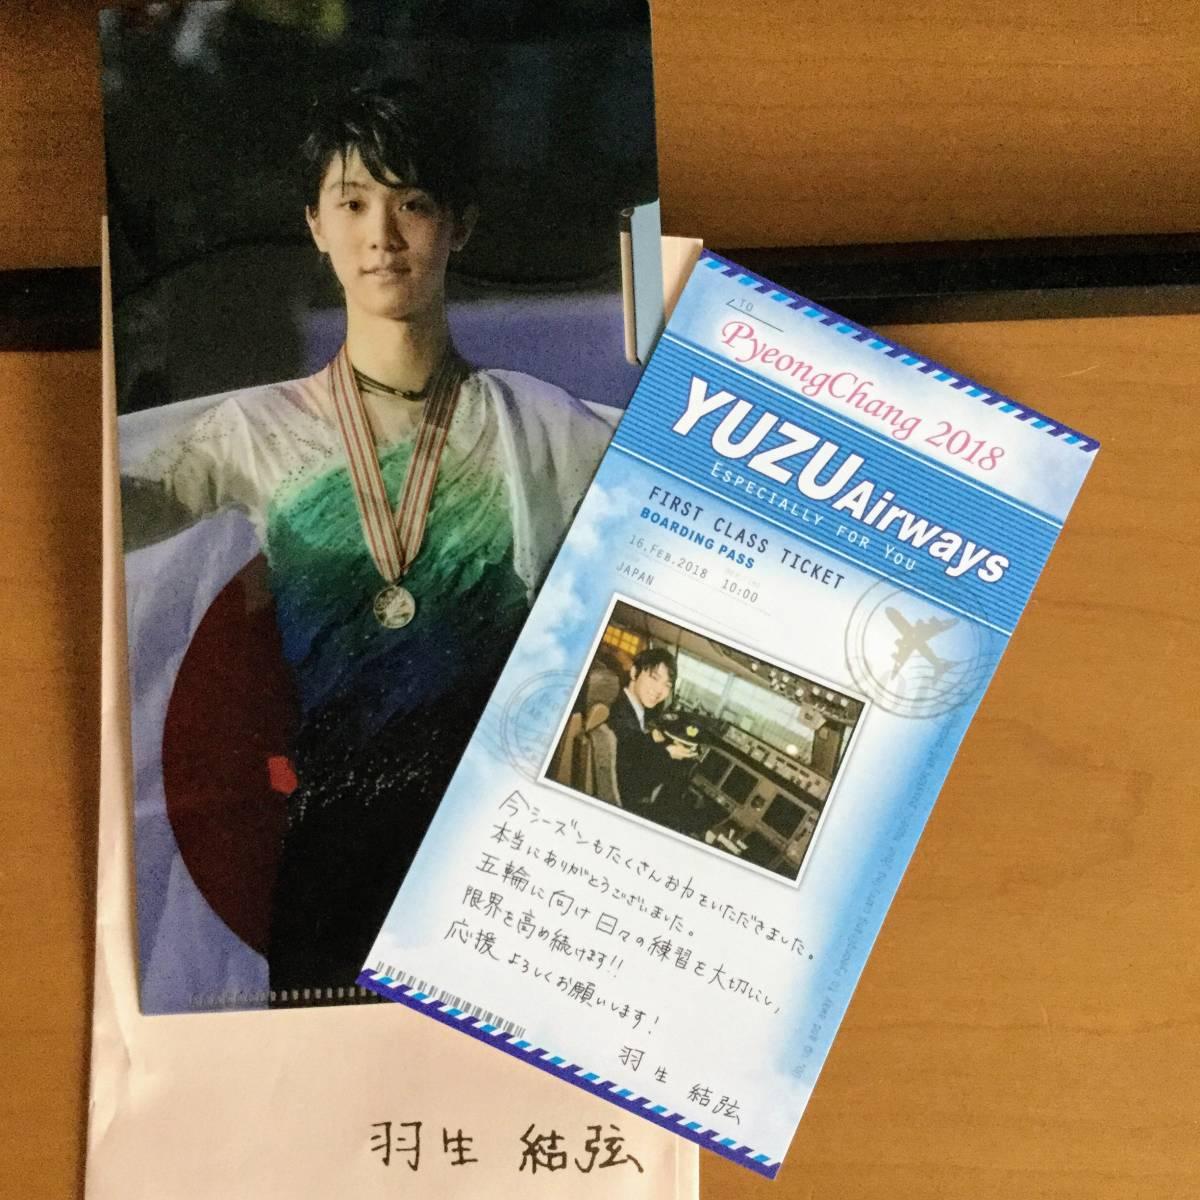 【羽生結弦さん 2017年ファンレターの返事】非売品!超プレミアム!